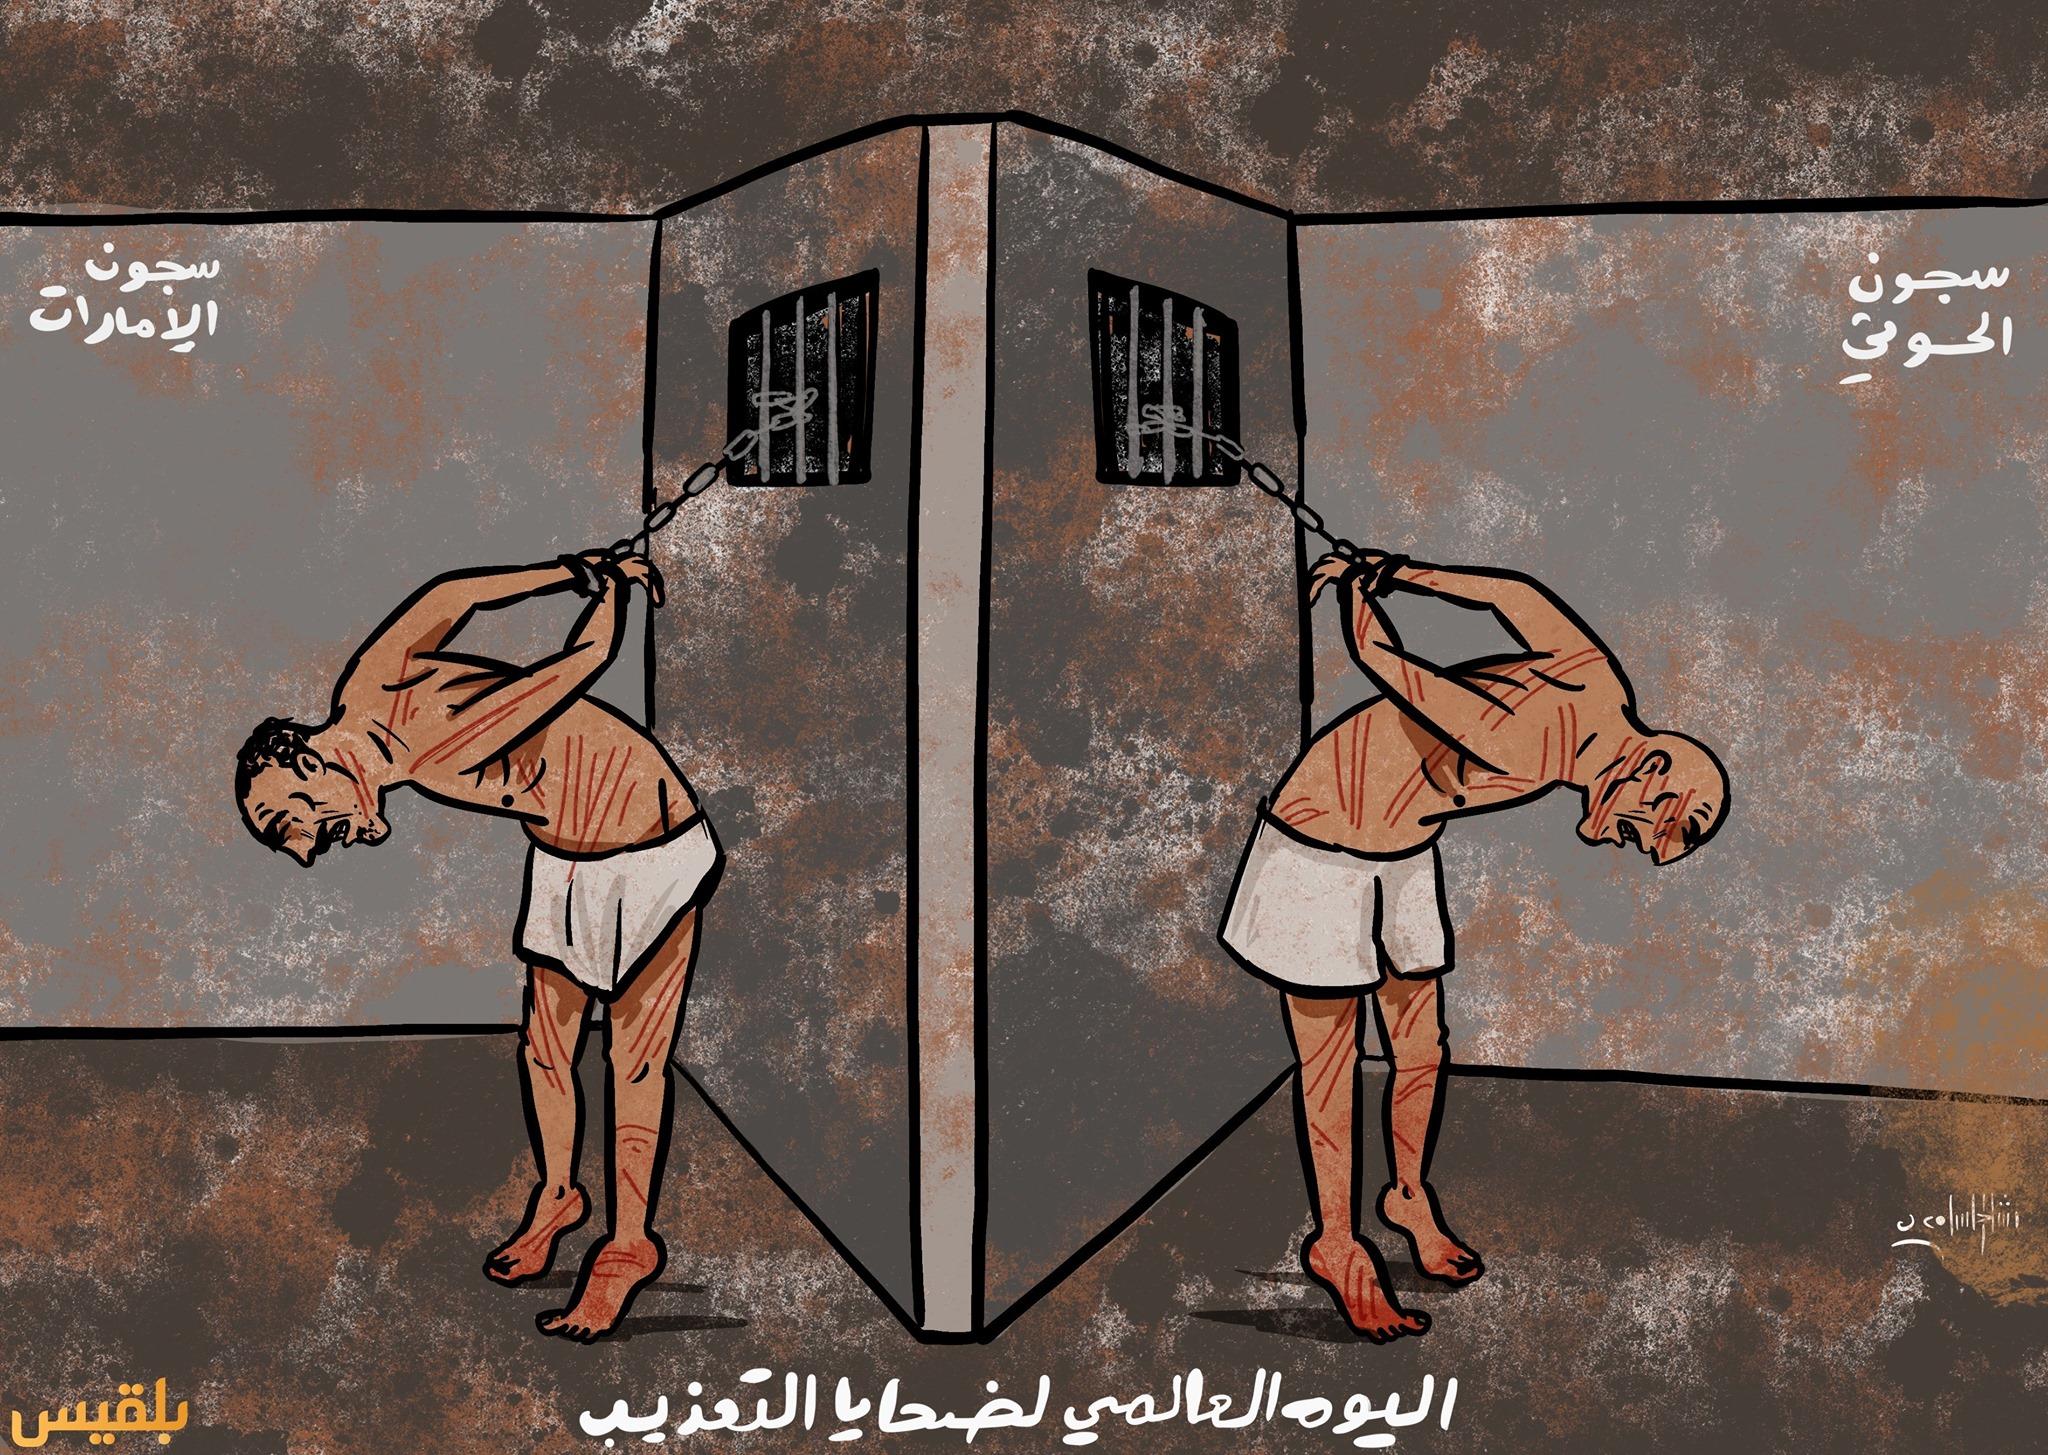 سجون-الحوثي-والامارات